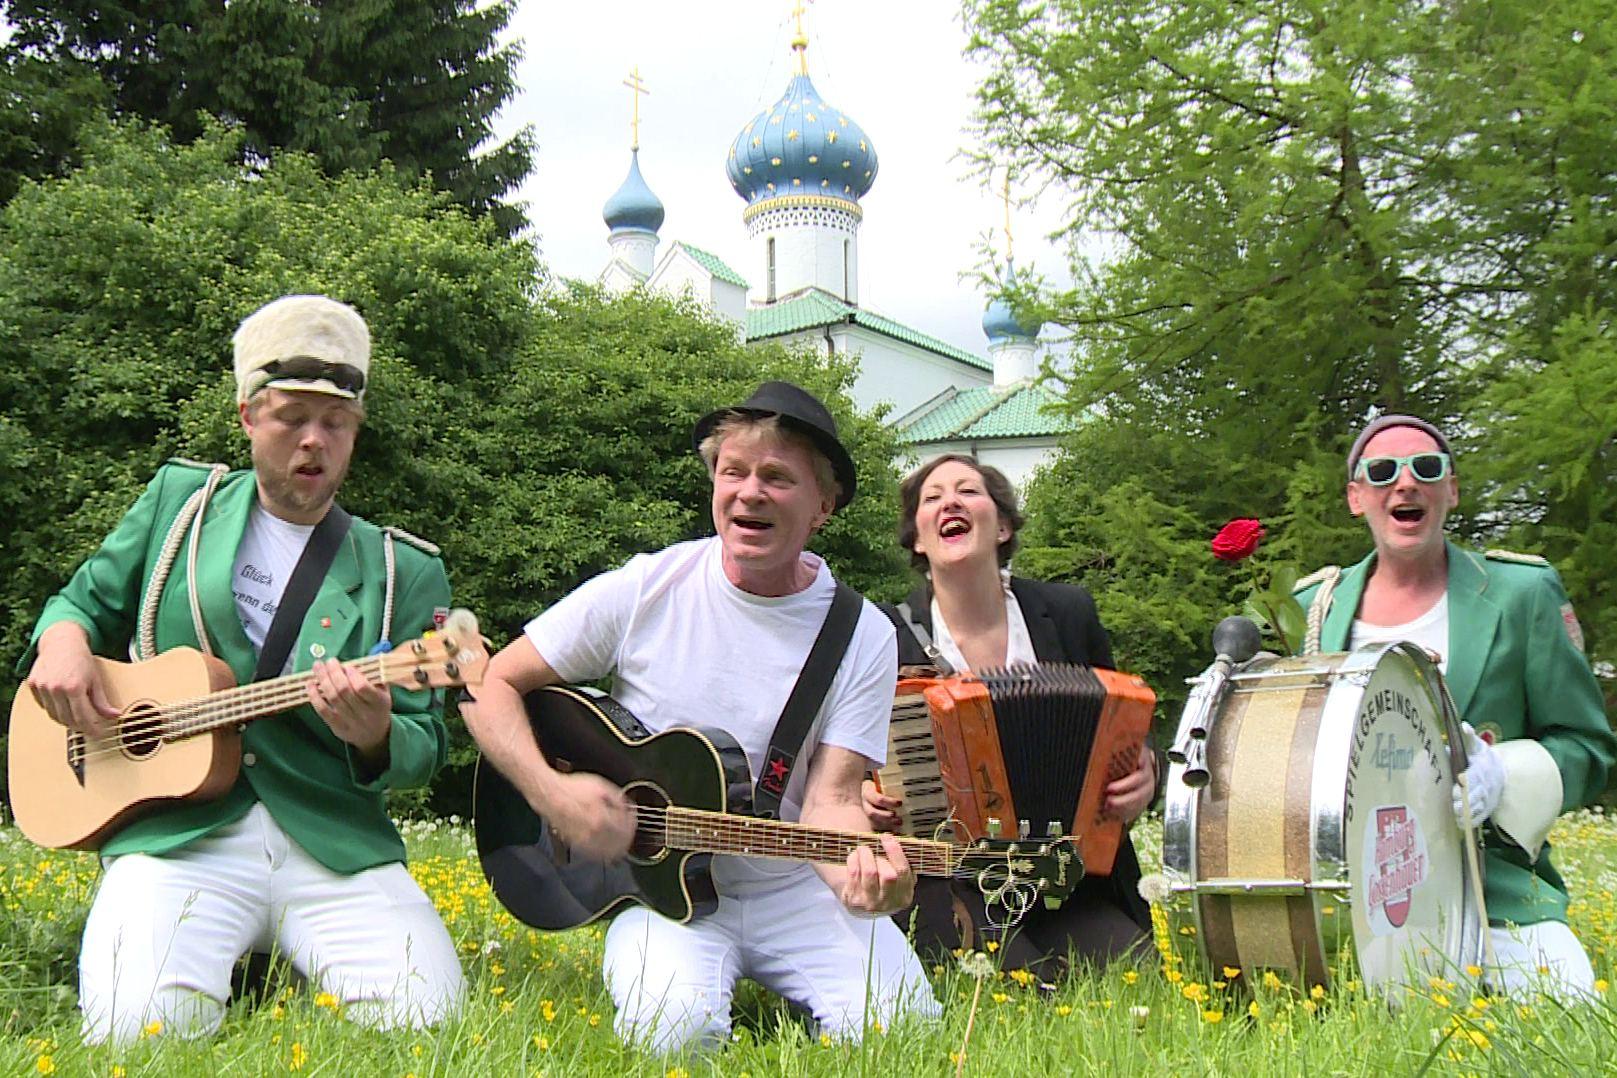 Der WM-Song aus Eimsbüttel